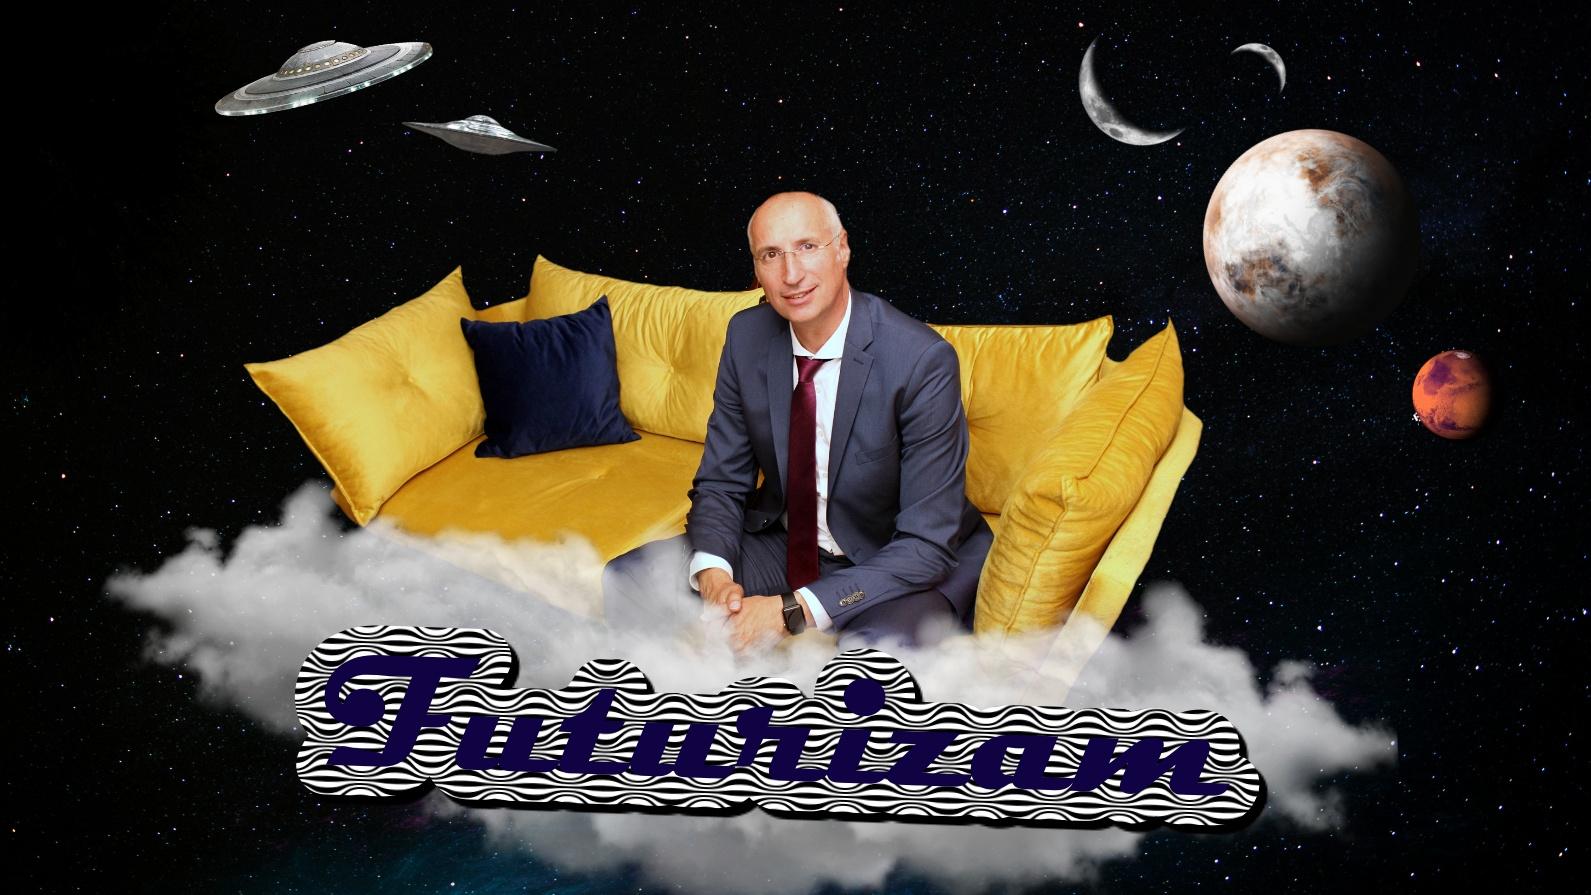 [Futurizam] Ivica Puljak otkrio kako će, u njegovoj viziji, izgledati Split 2050. godine